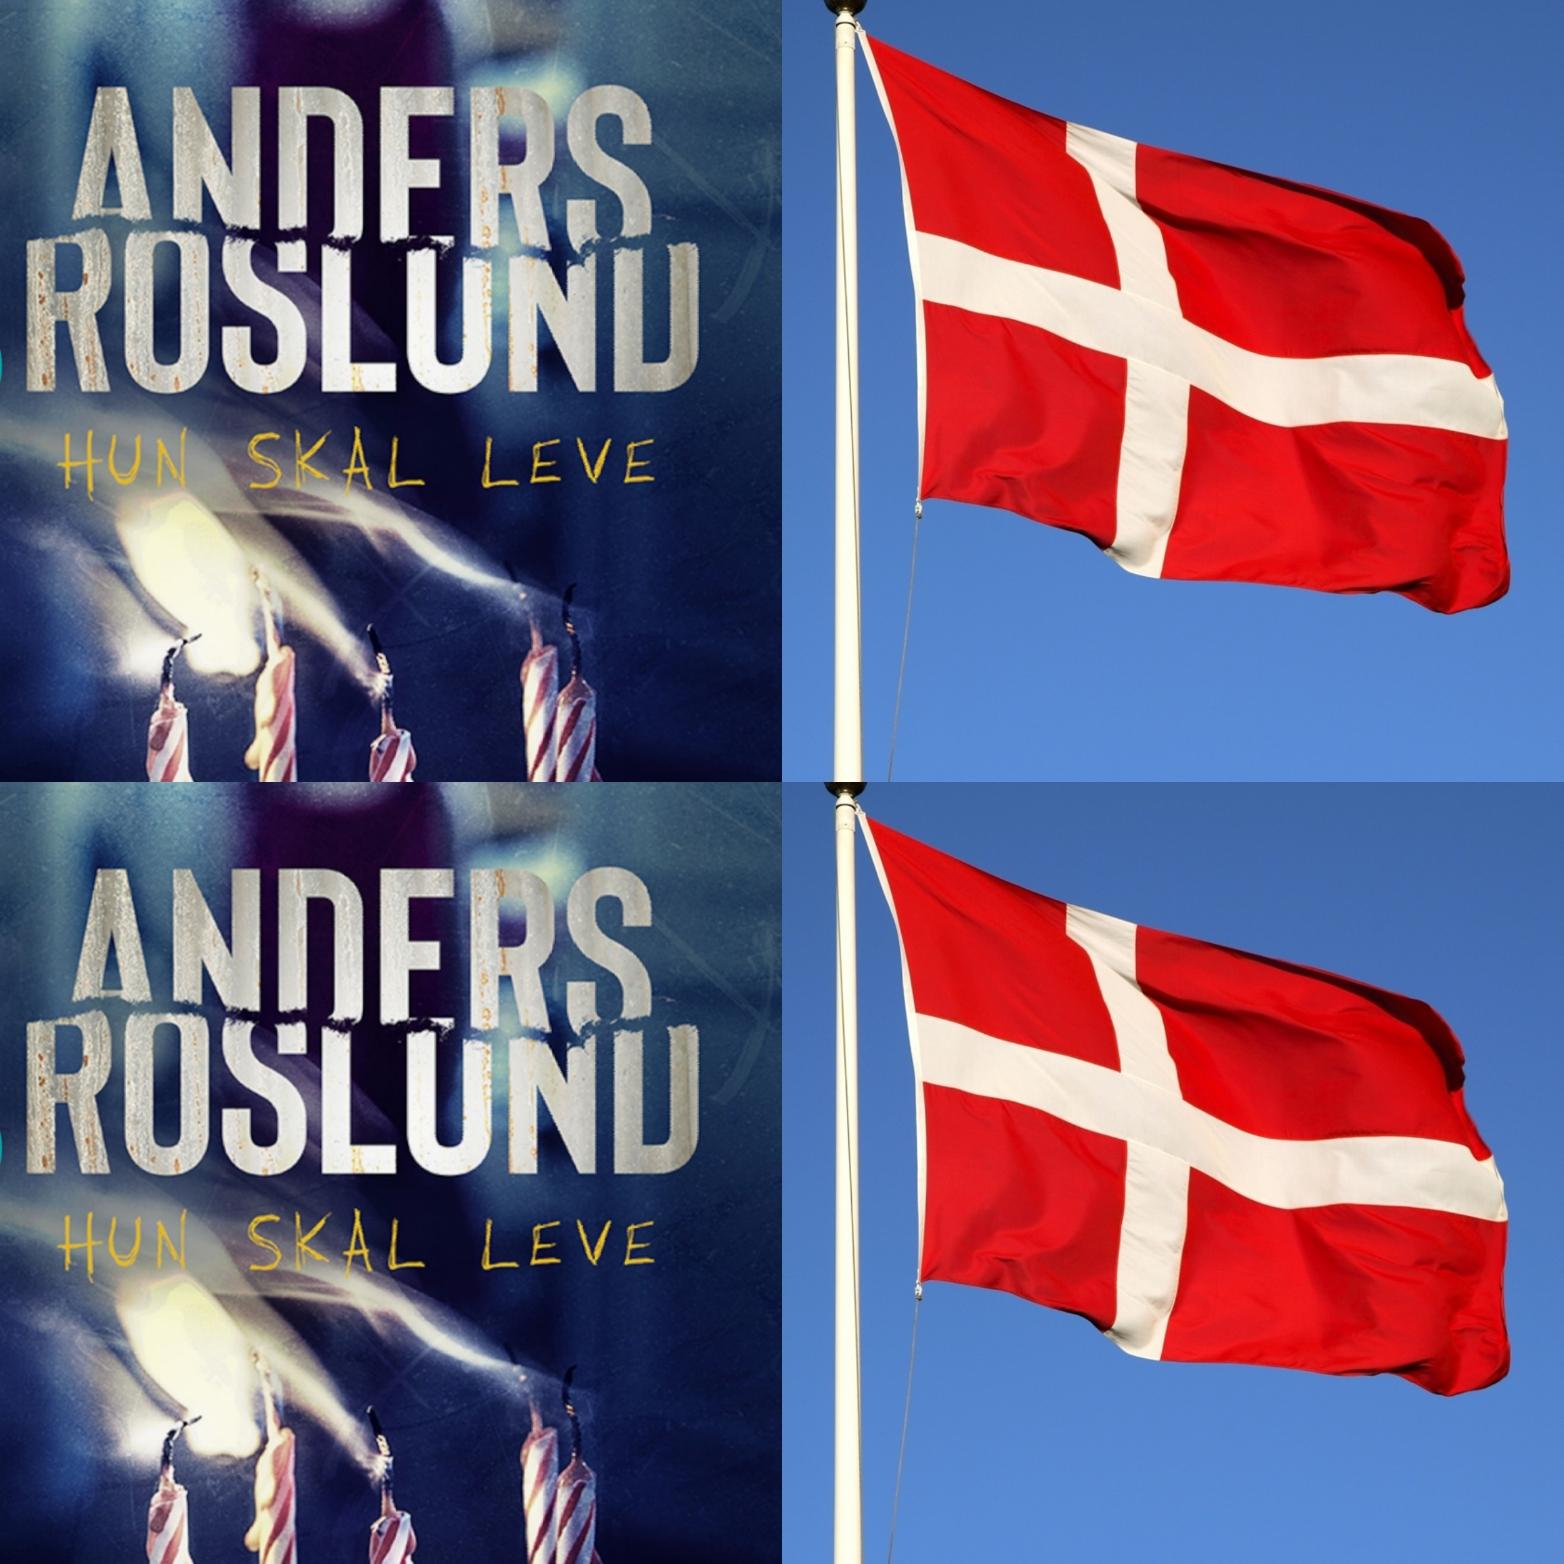 Hun skal leve af Anders Roslund